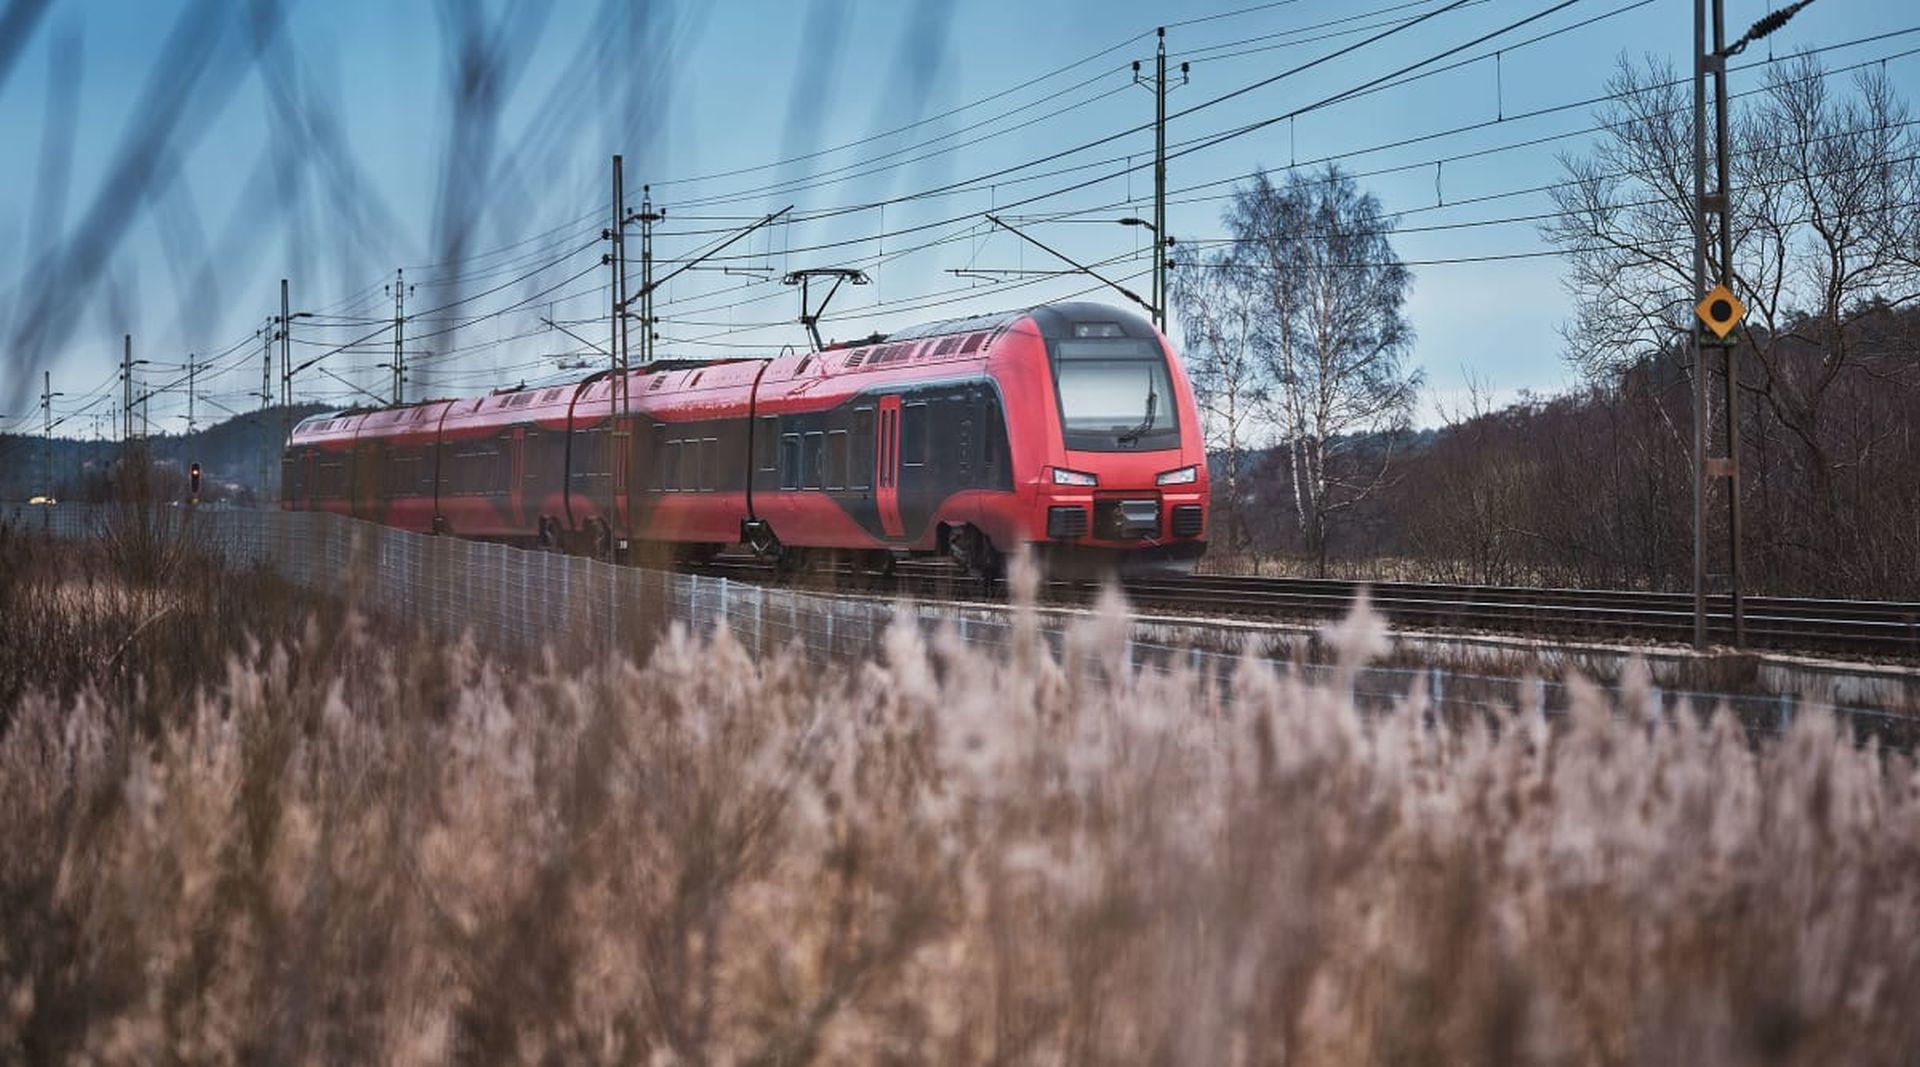 Elektrická jednotka Stadler Flirt společnosti MTR Express. Foto: MTRX